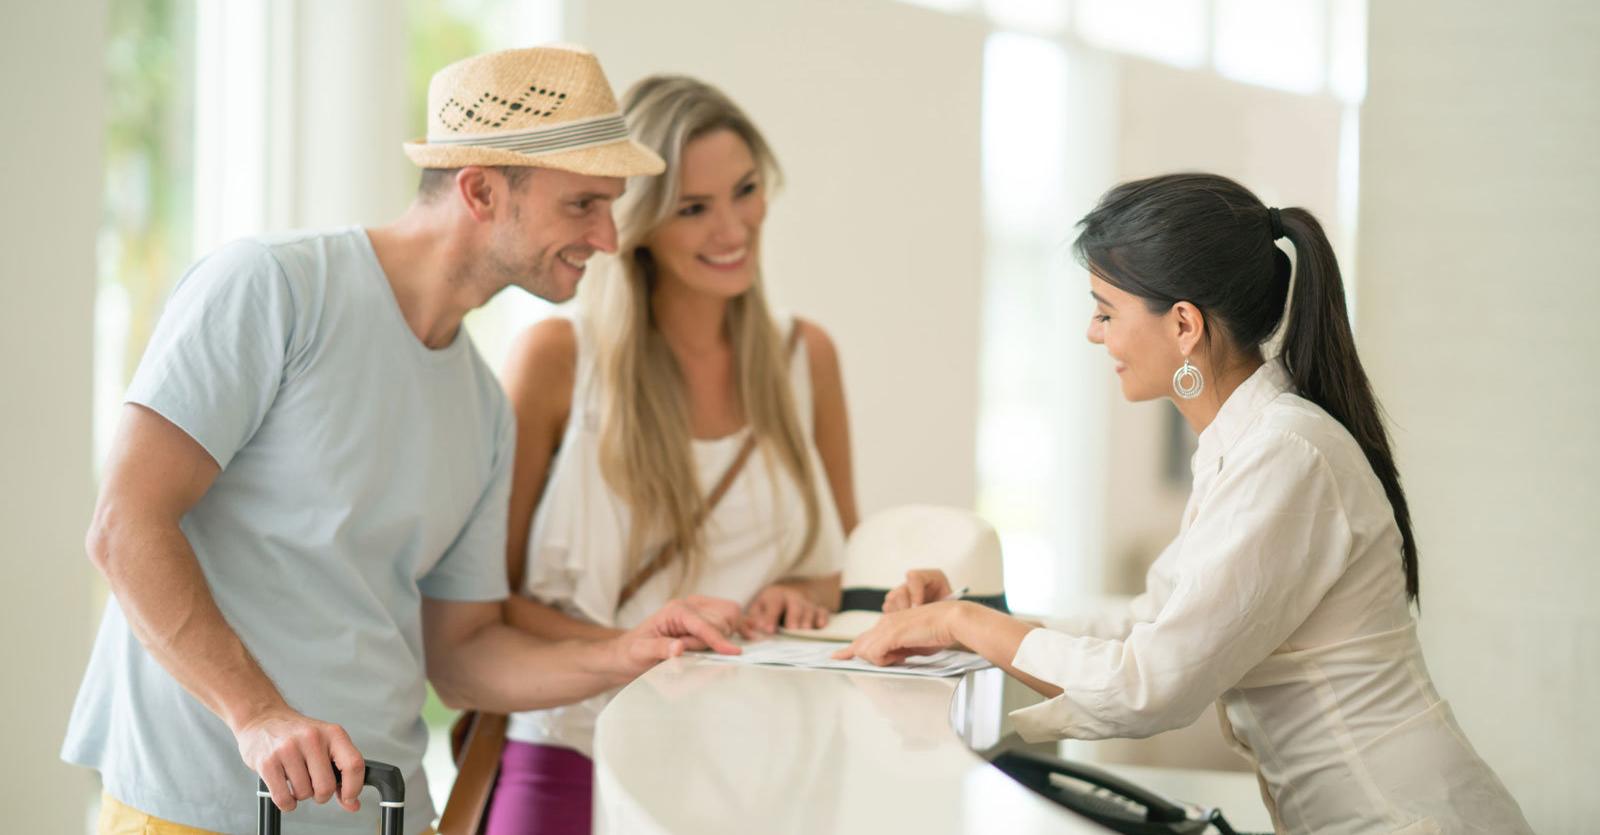 Туристы, приезжающие в Тверскую область, смогут сэкономить на отеле или гостинице